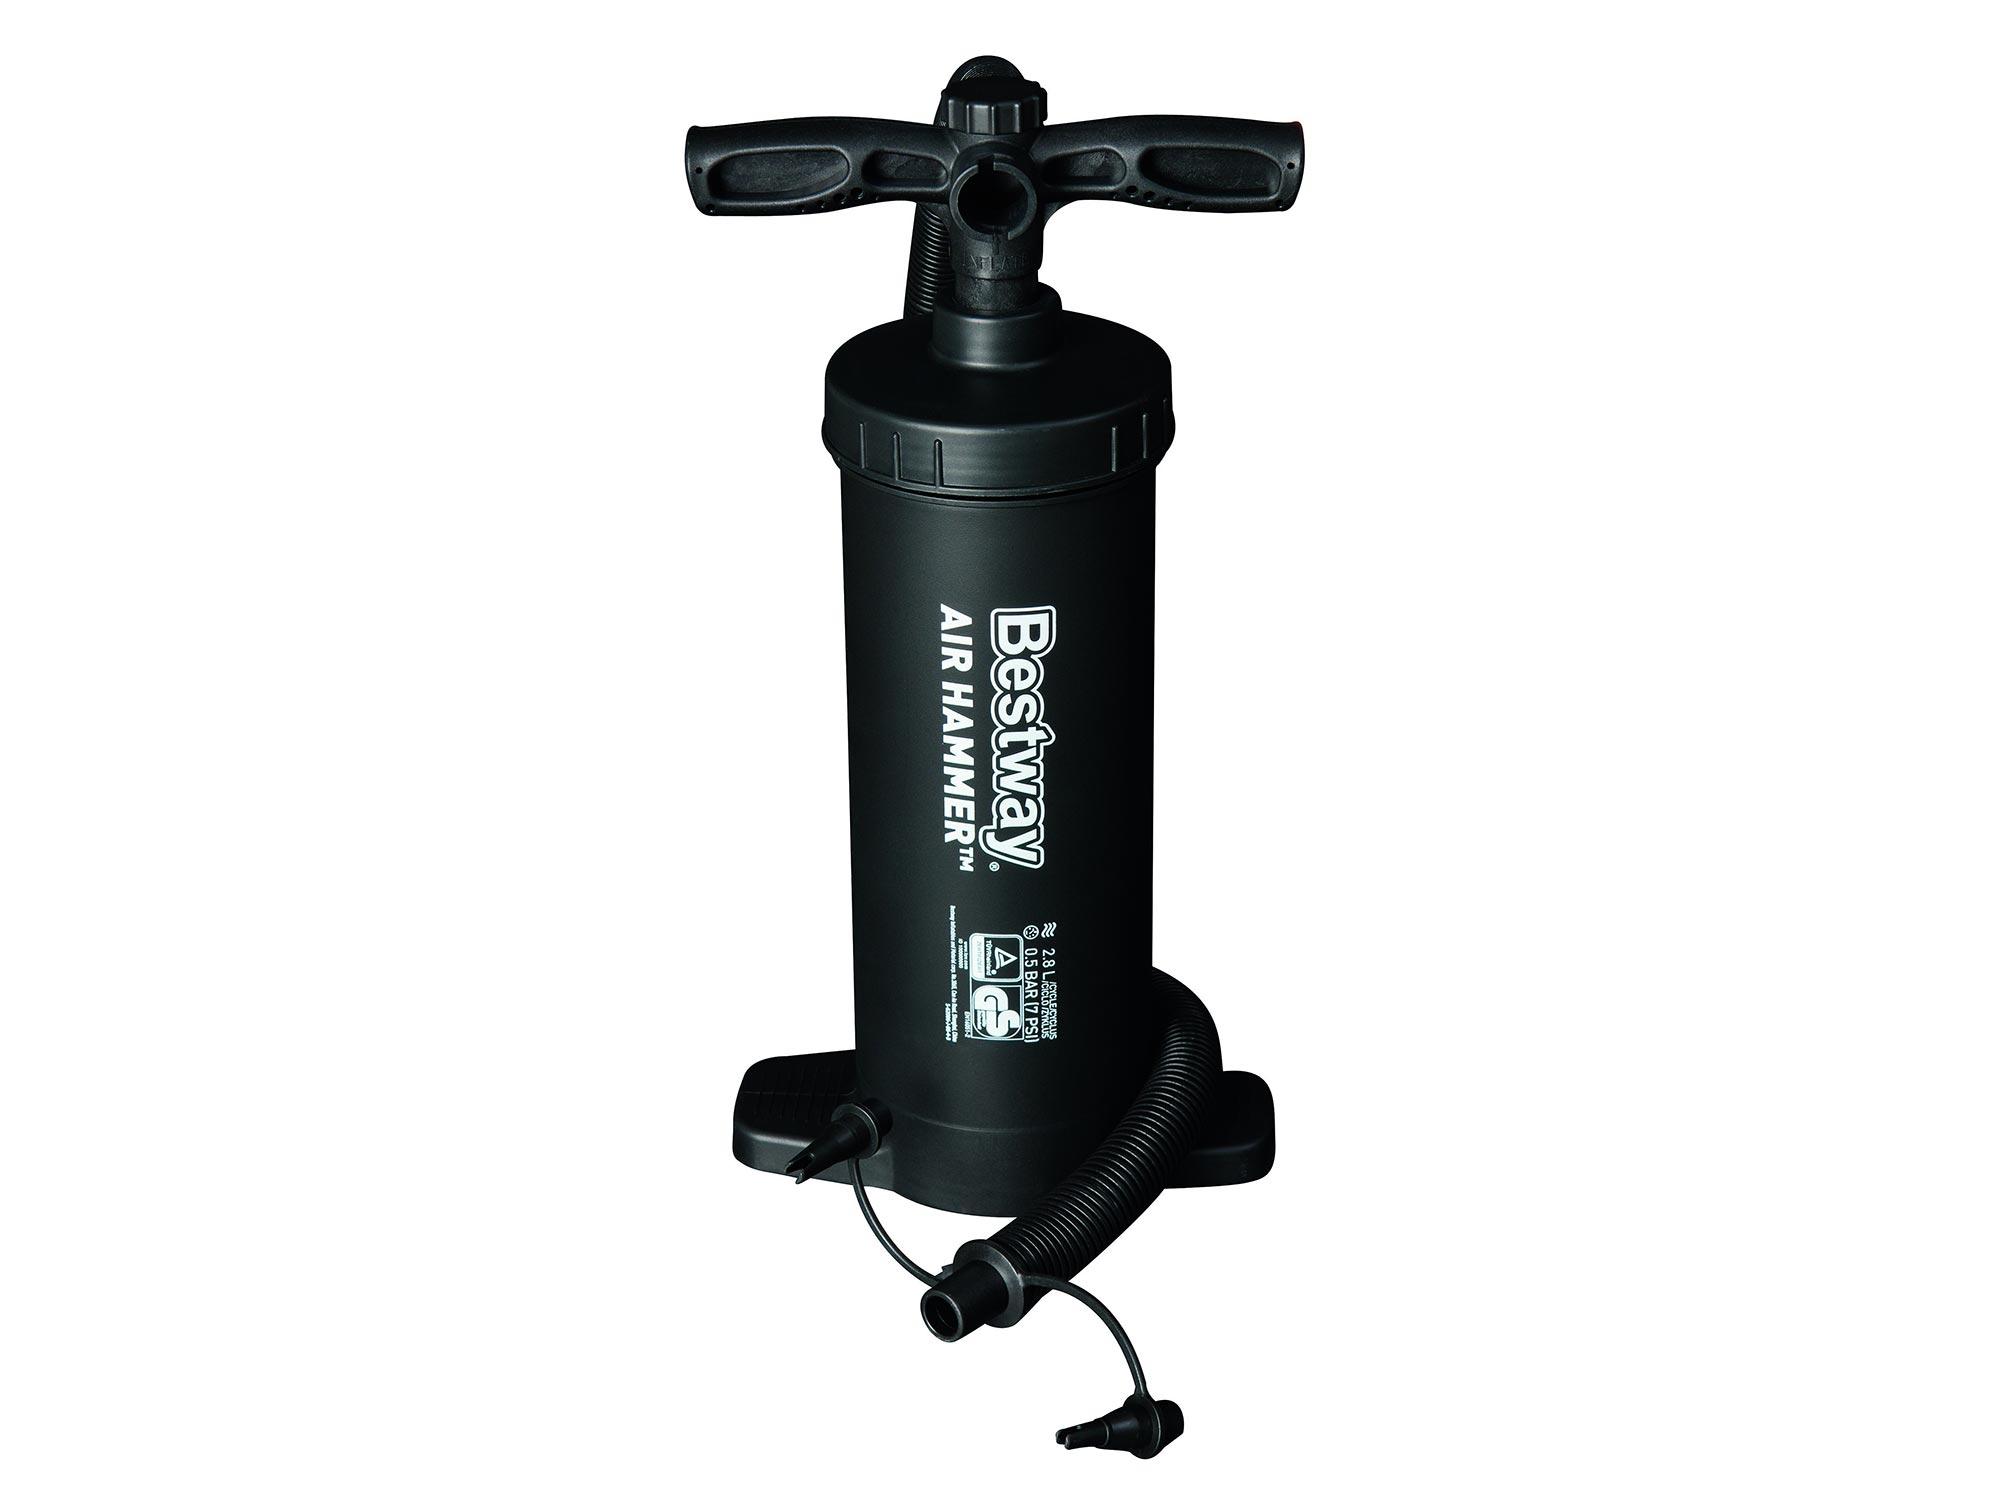 Produktbilde - Air Hammer - Luftpumpe til oppblåsbare produkter